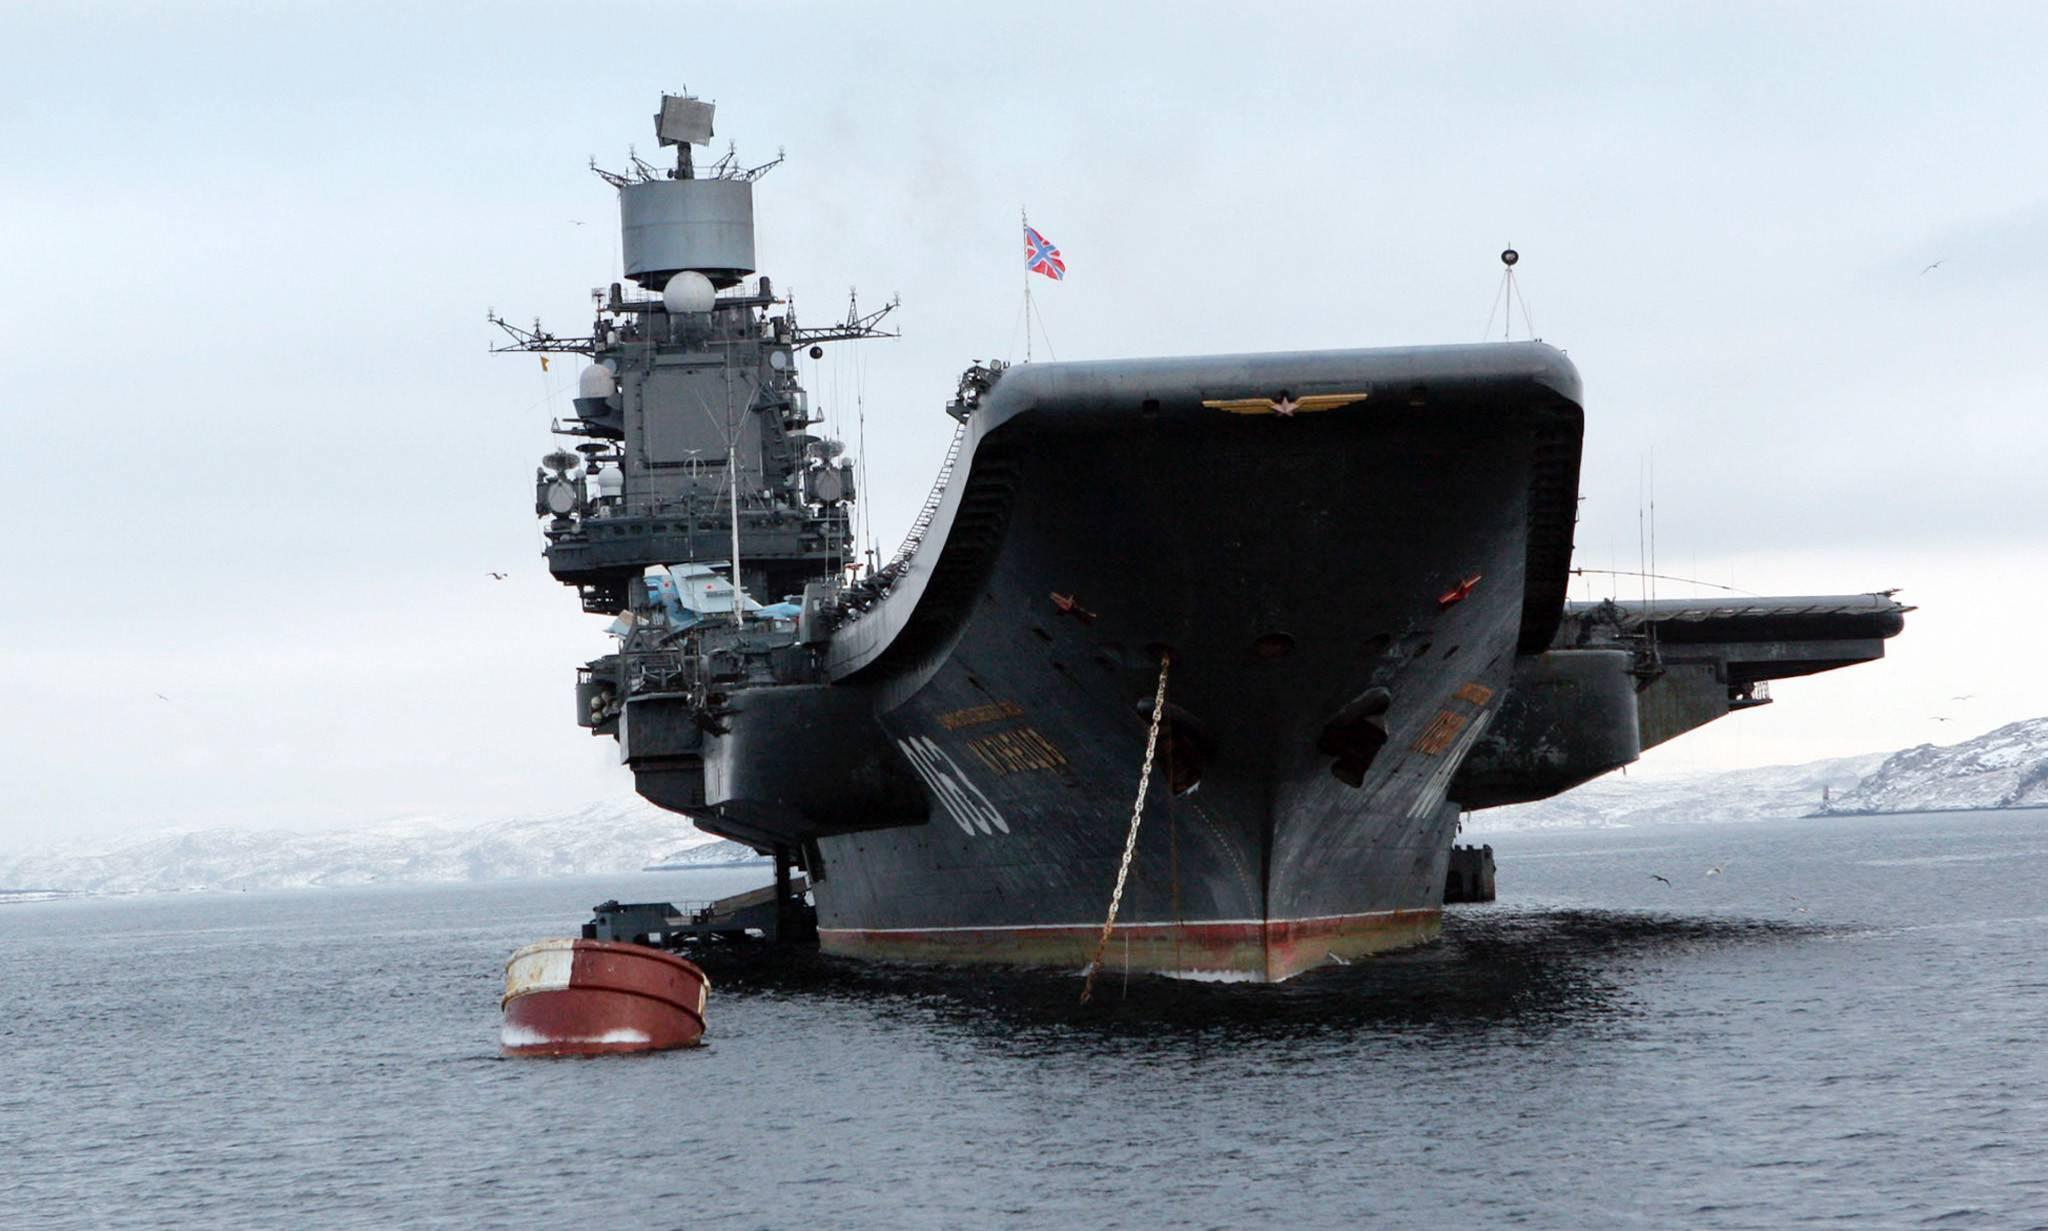 Адмирал николай кузнецов: почему его именем назвали авианосец | русская семерка